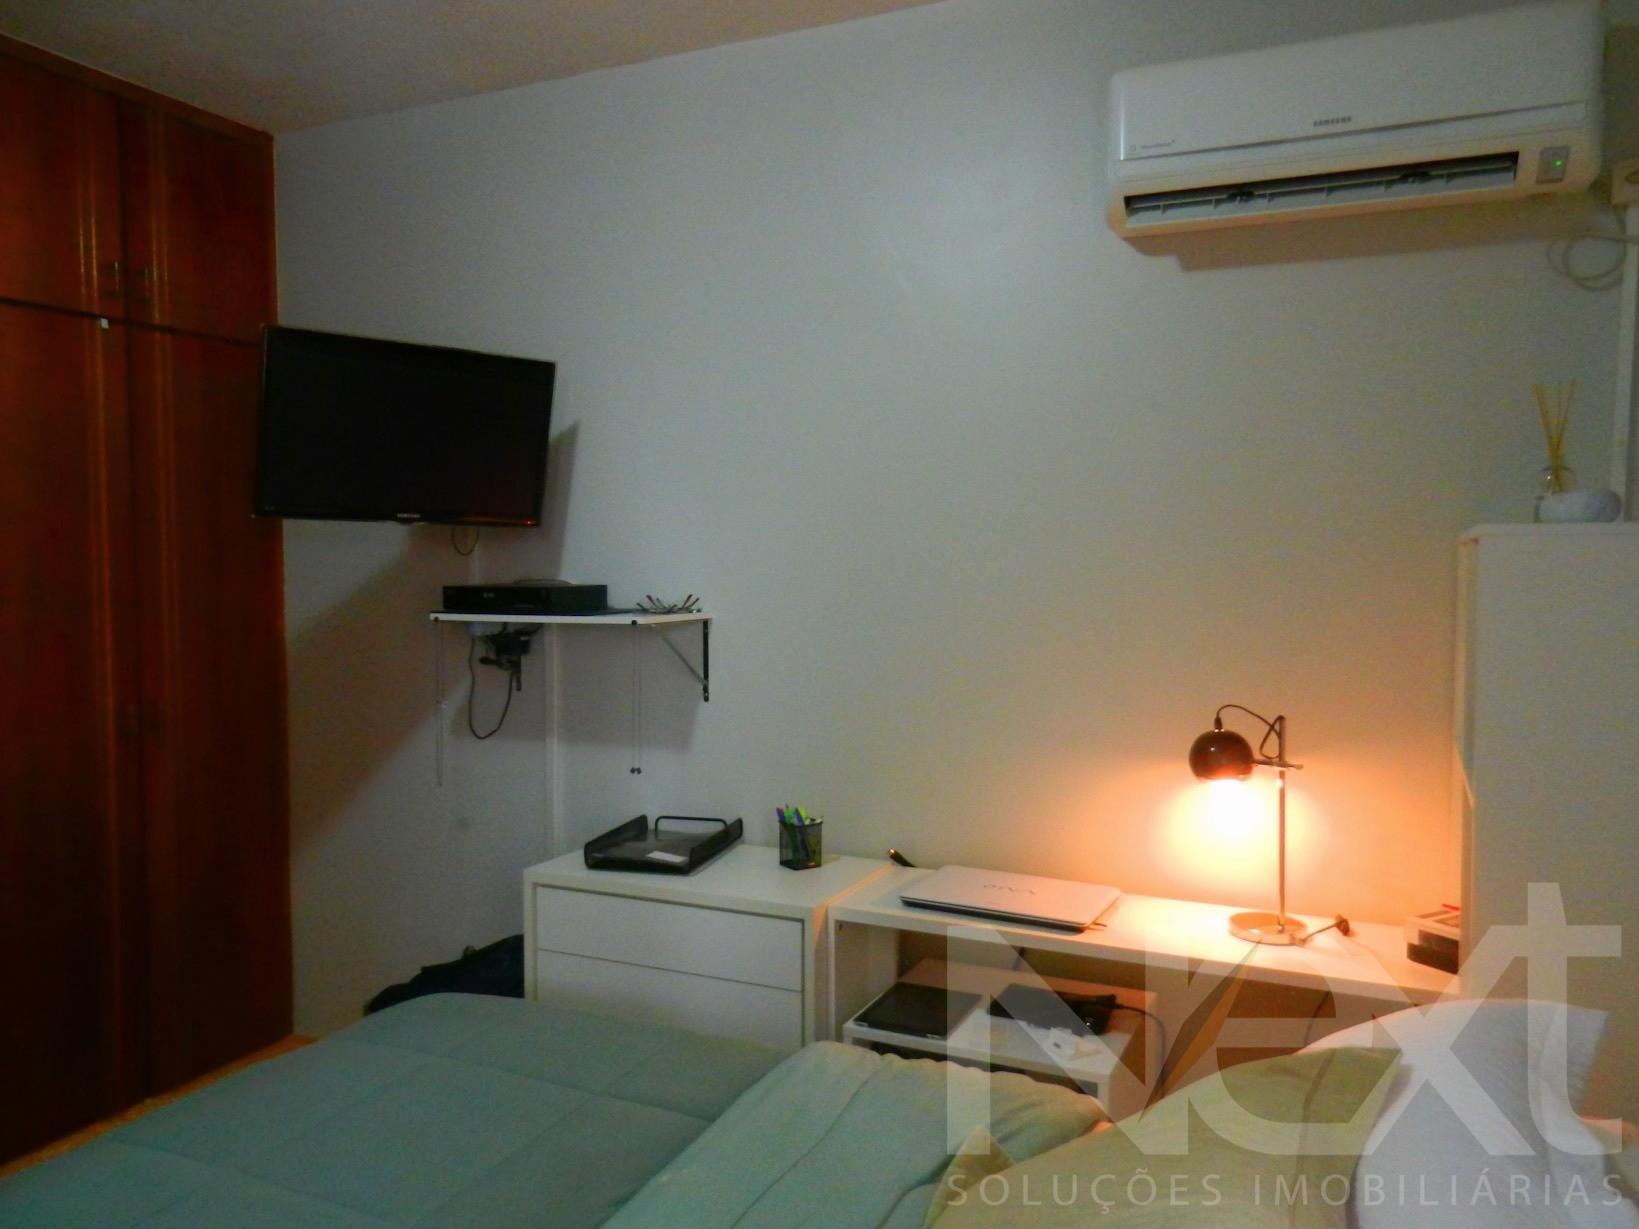 Apartamento de 3 dormitórios em Jardim Proenca, Campinas - SP